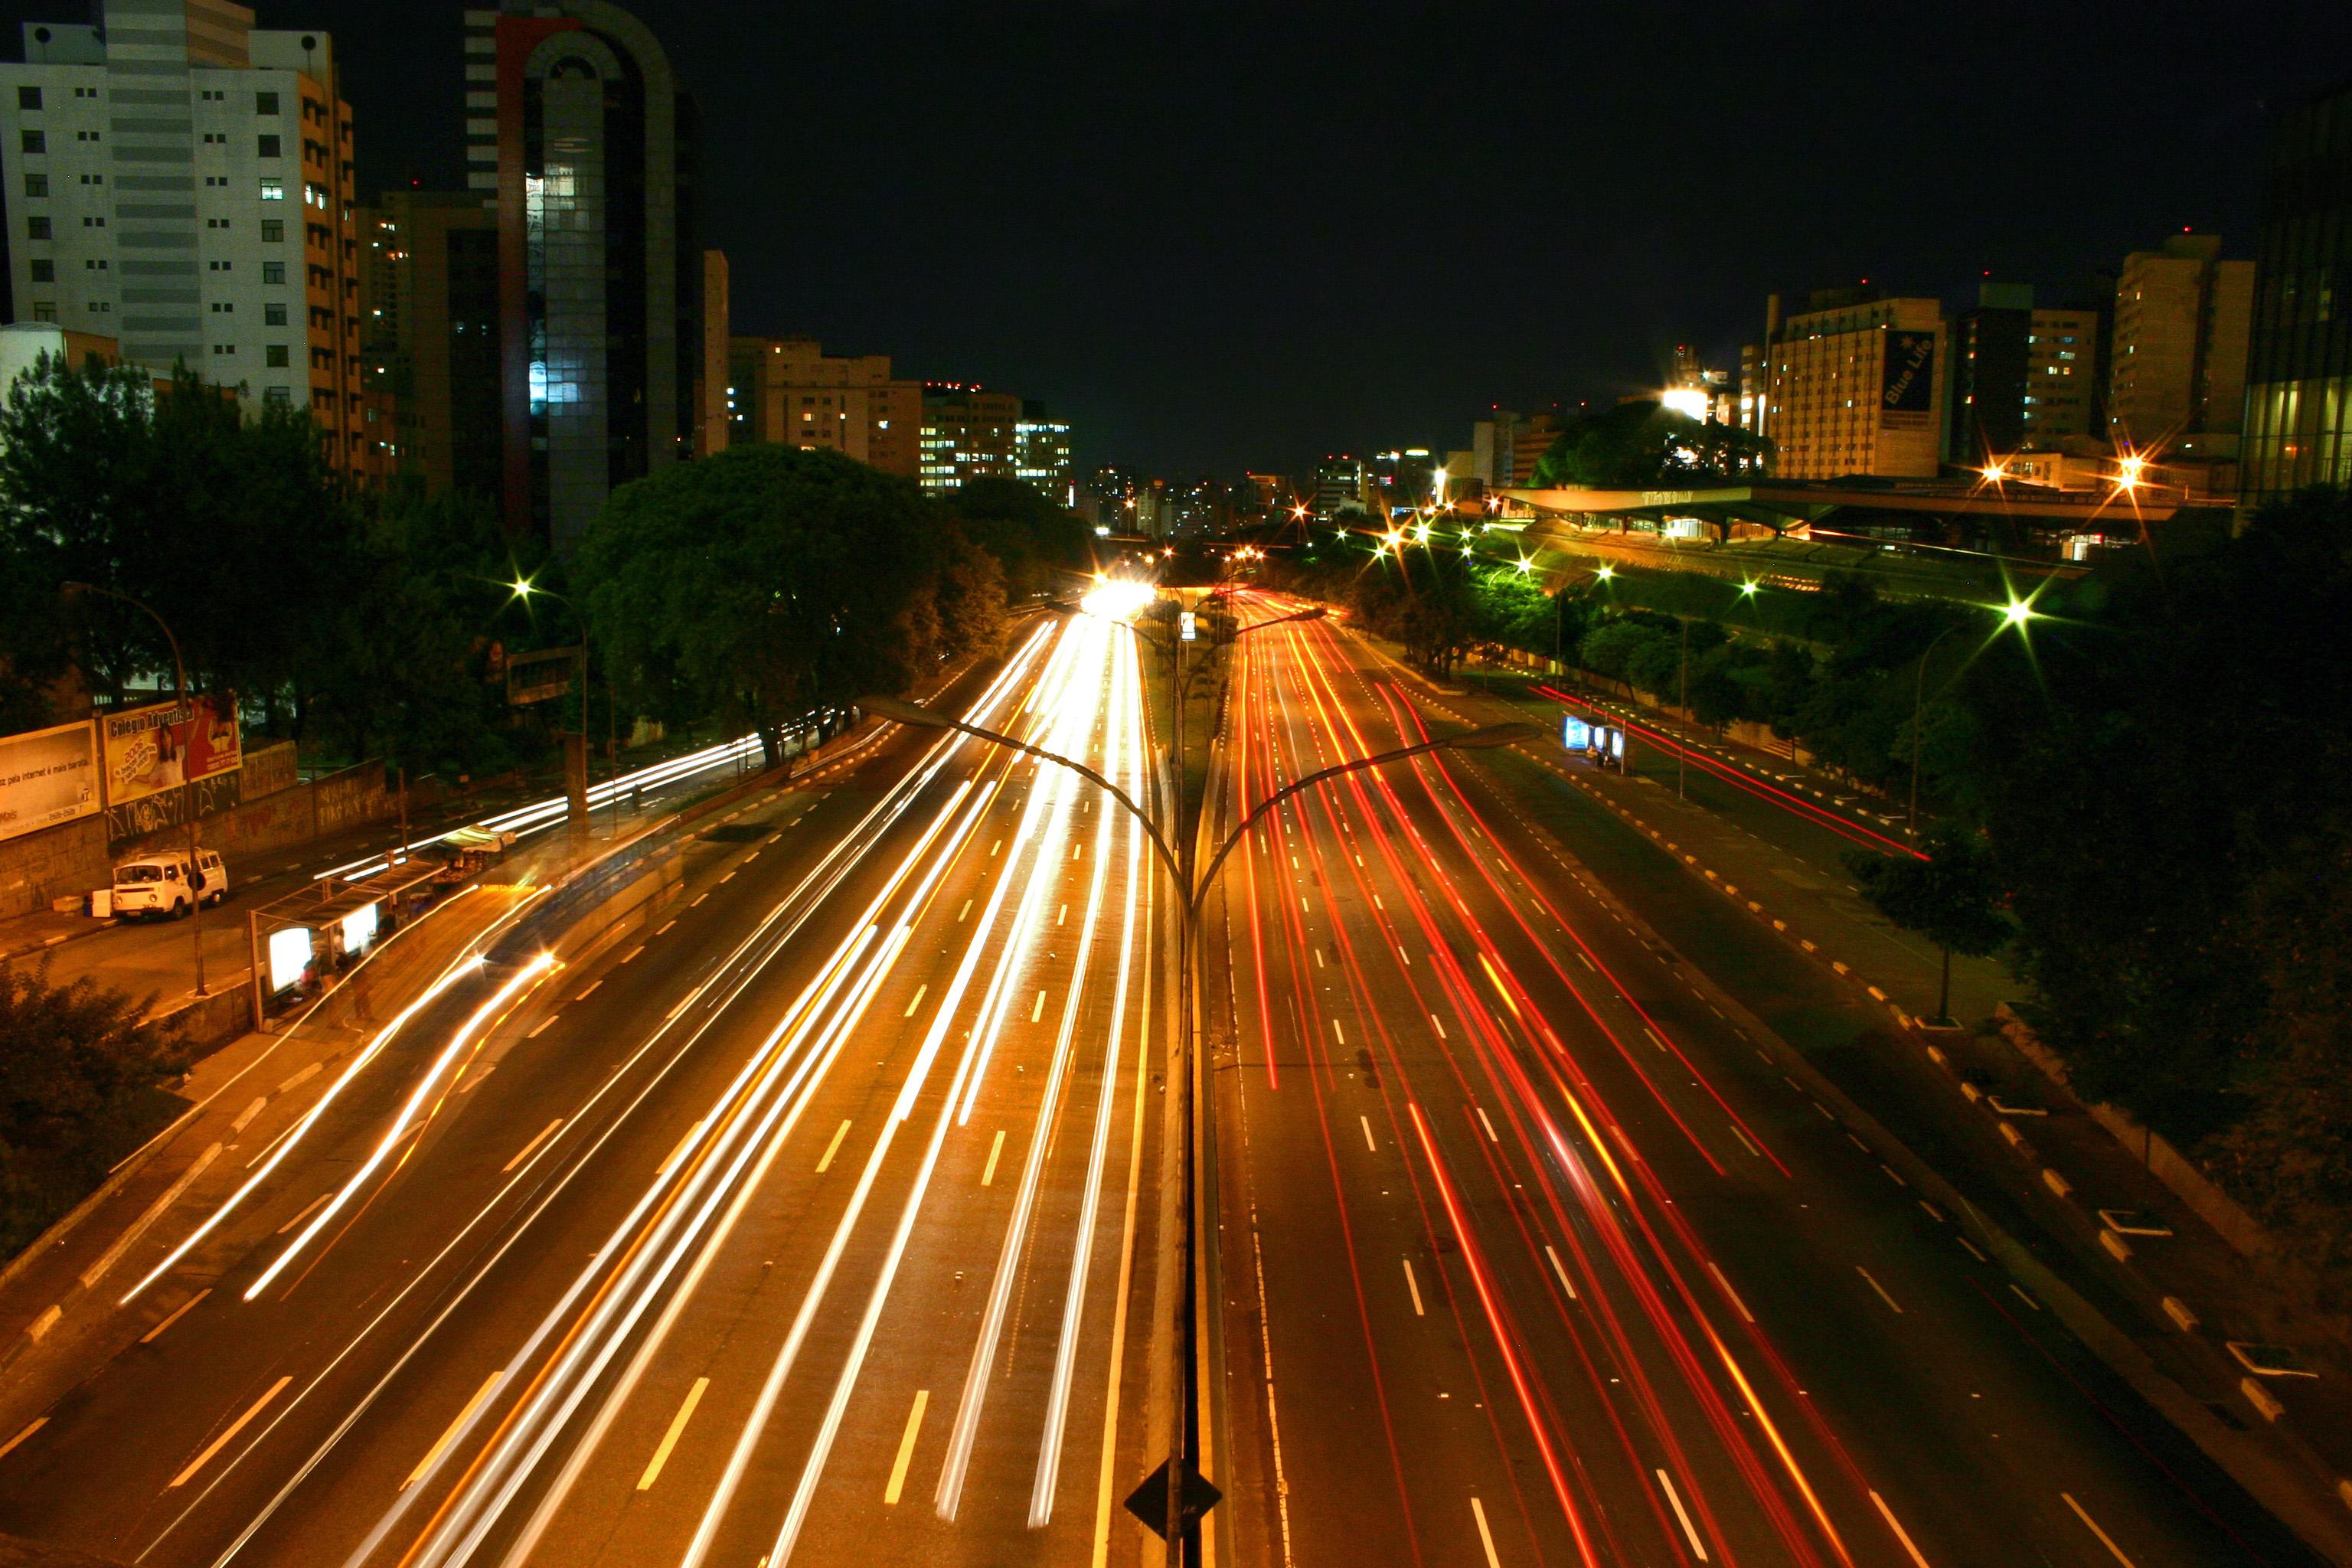 Avenida 23 de Maio (S%C3%A3o Paulo City) Como chegar em São Paulo